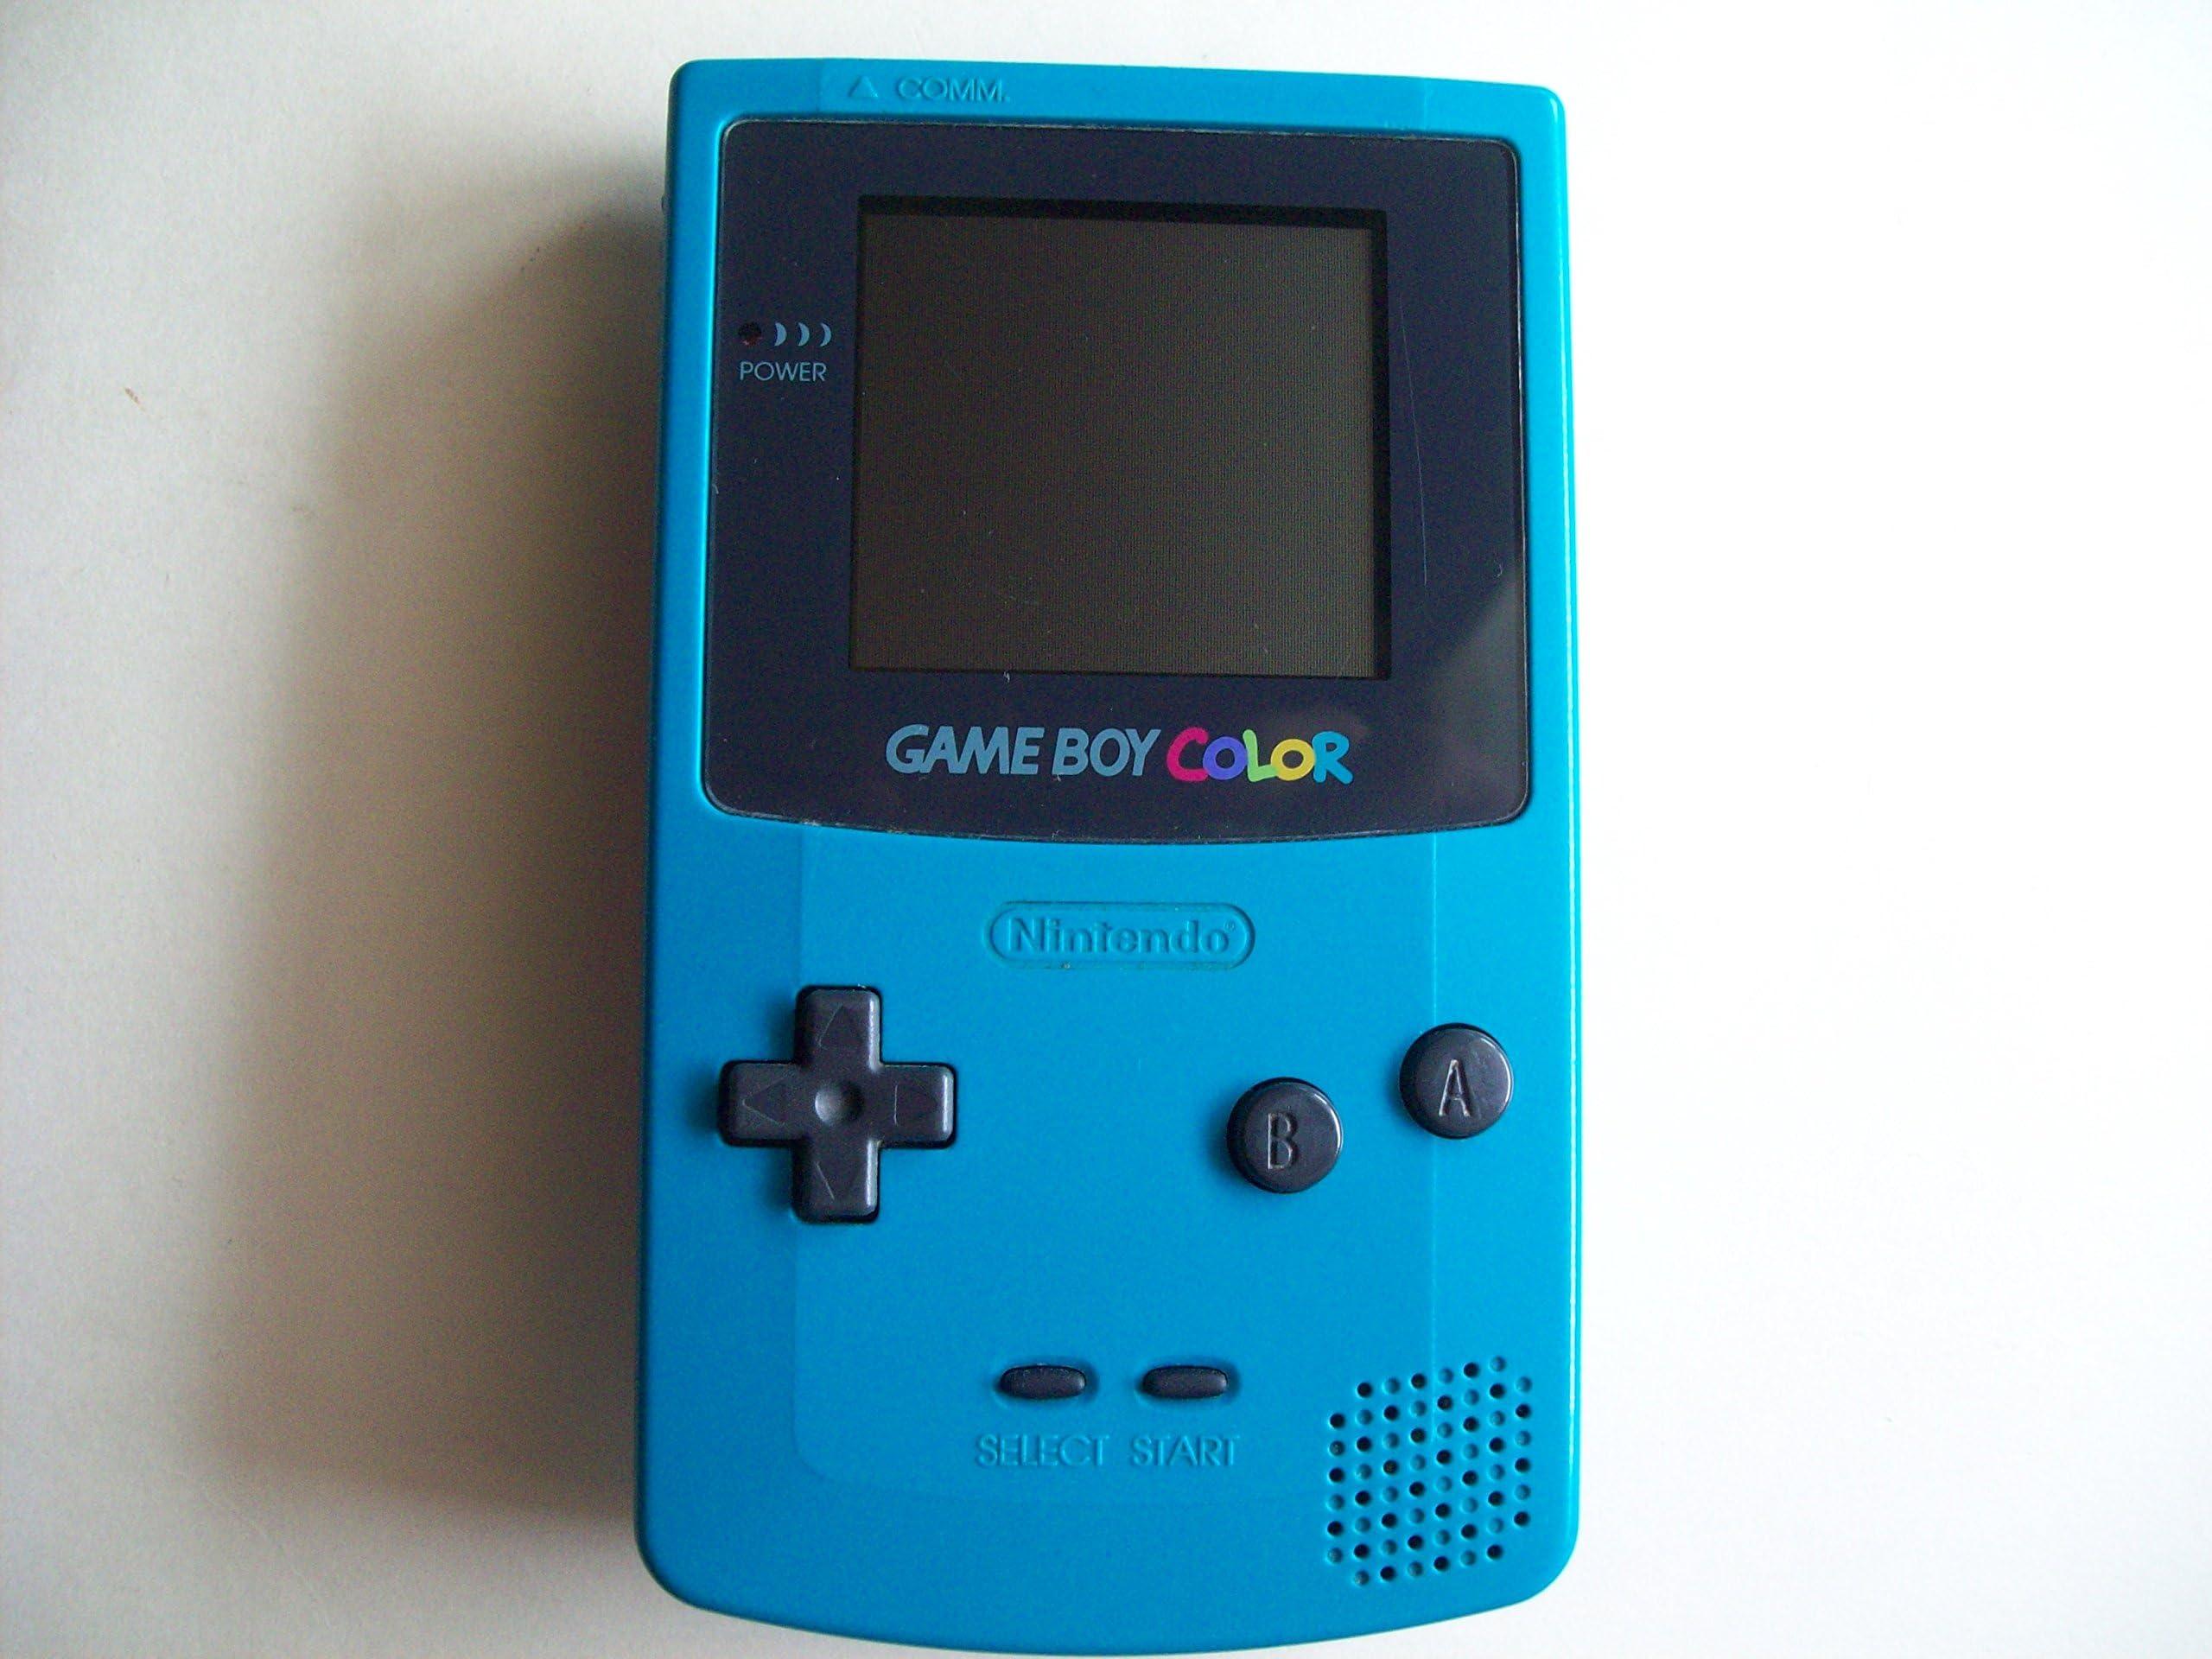 Game boy color - Image Unavailable